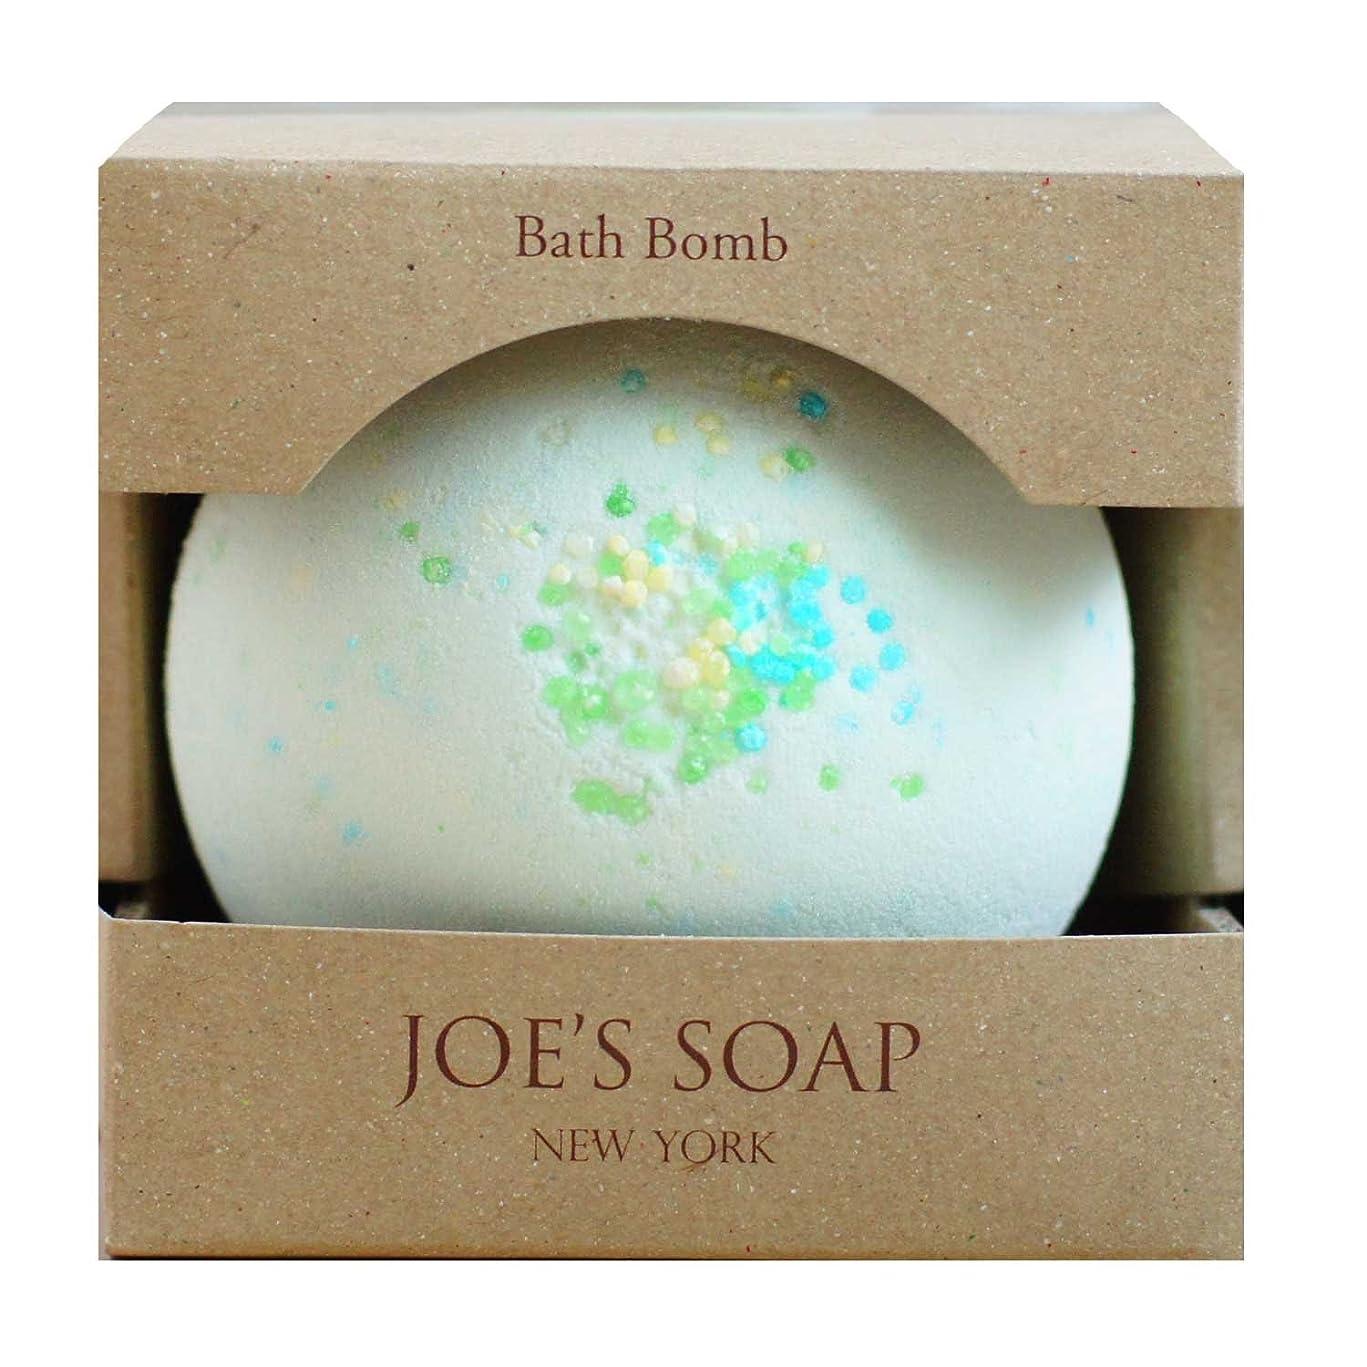 請う物理学者システムJOE'S SOAP ( ジョーズソープ ) バスボム(JASMINE) バスボール 入浴剤 保湿 ボディケア スキンケア オリーブオイル はちみつ フト プレゼント